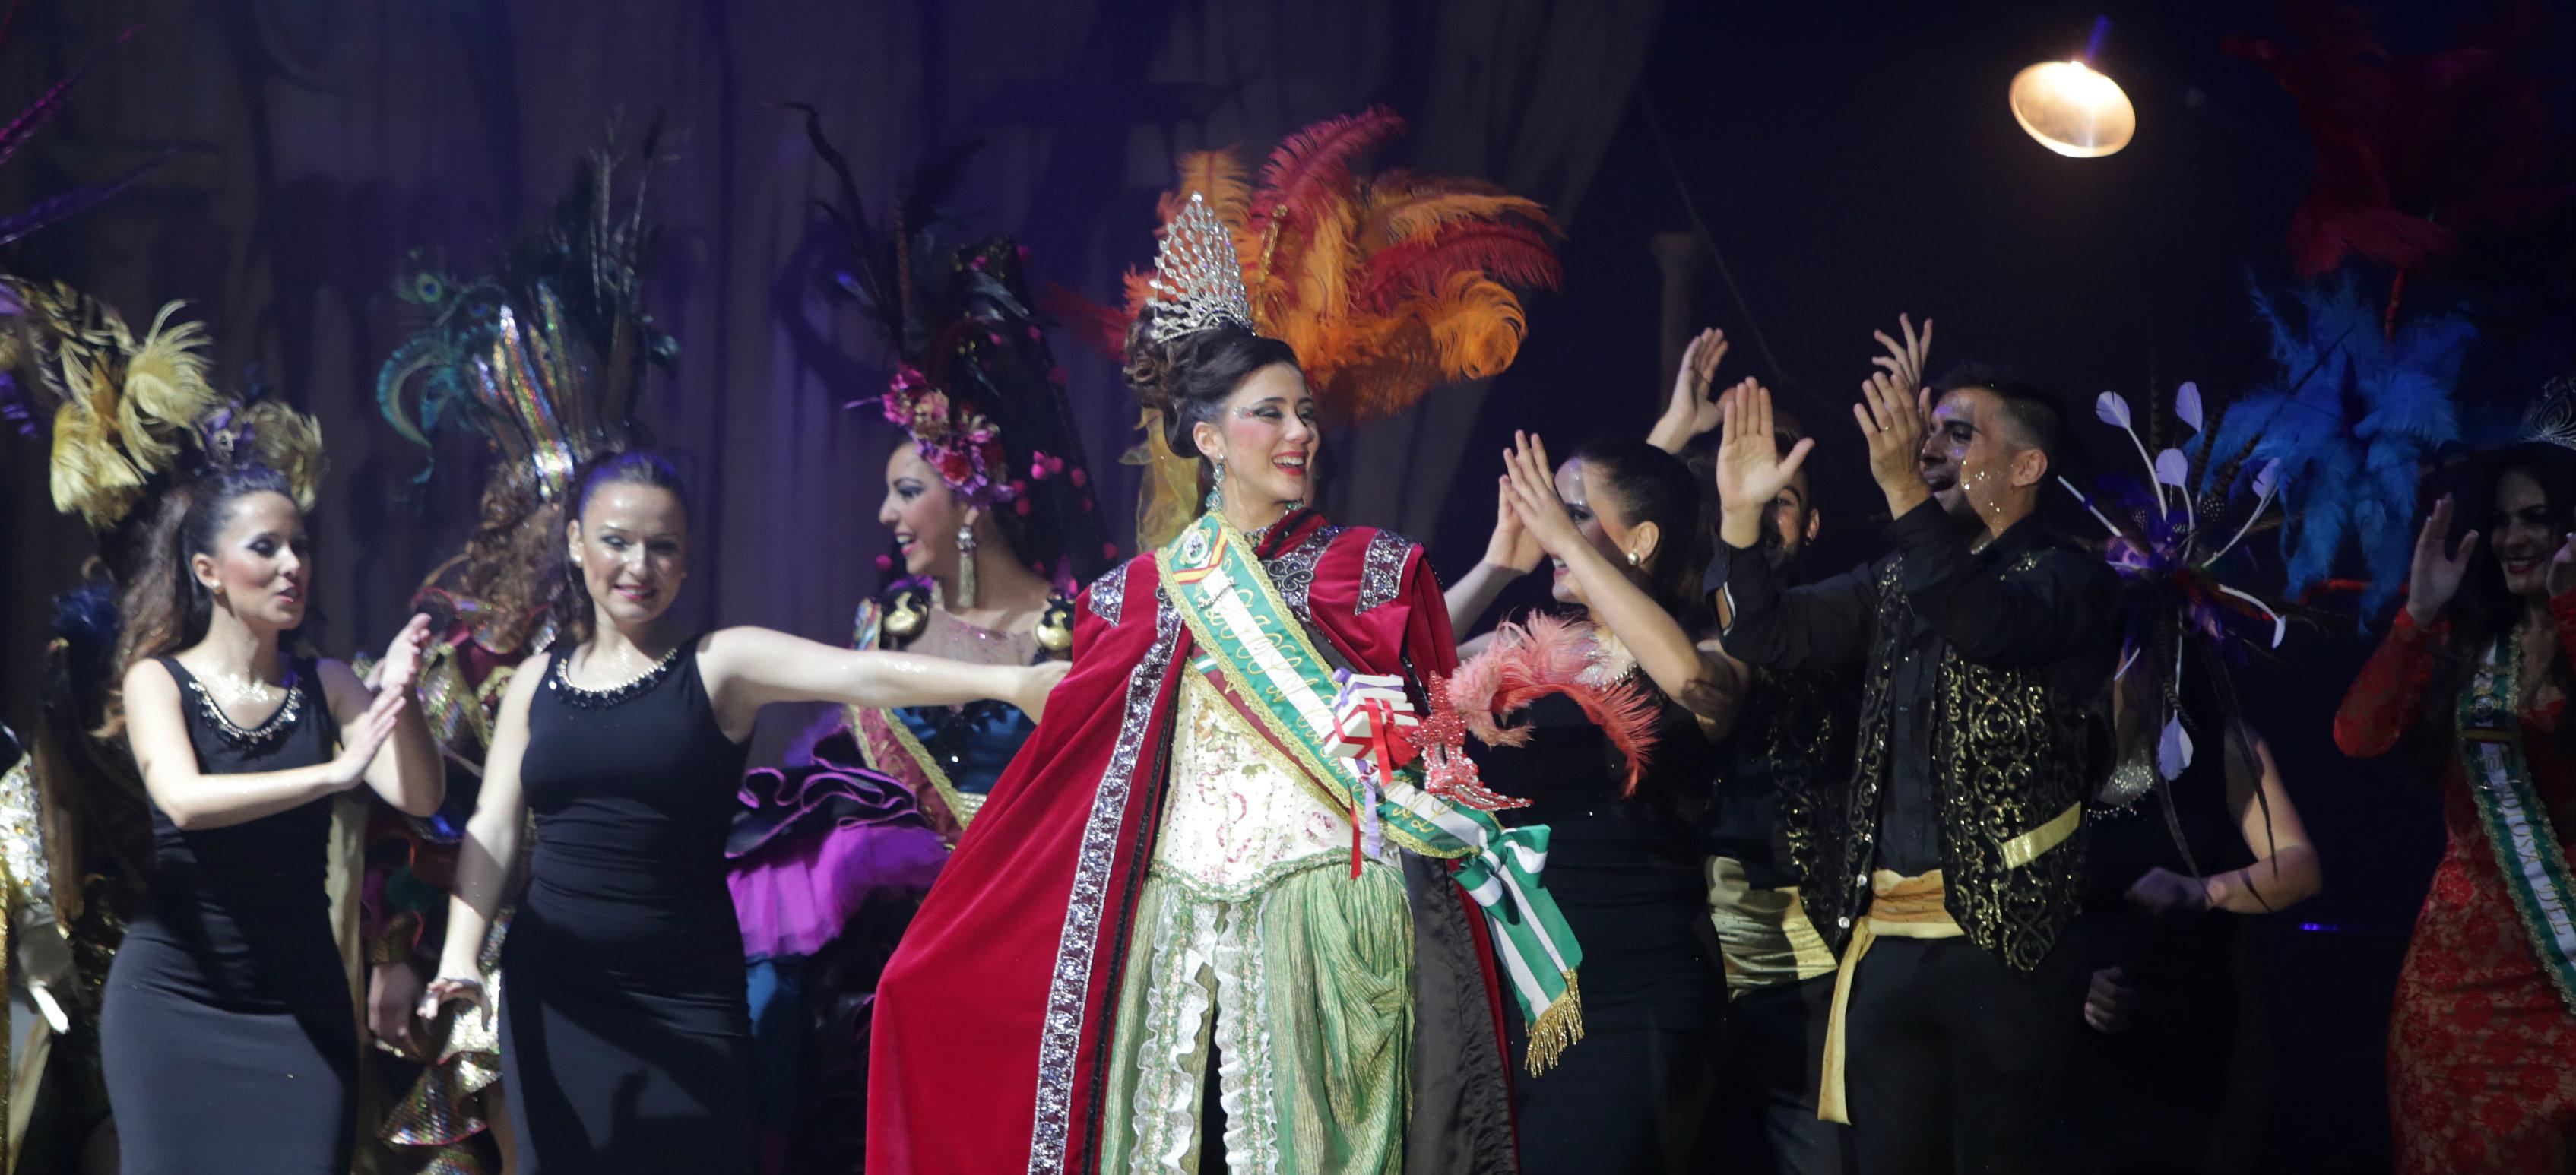 La noche mágica de Marta Rodríguez, Diosa del Carnaval 2015